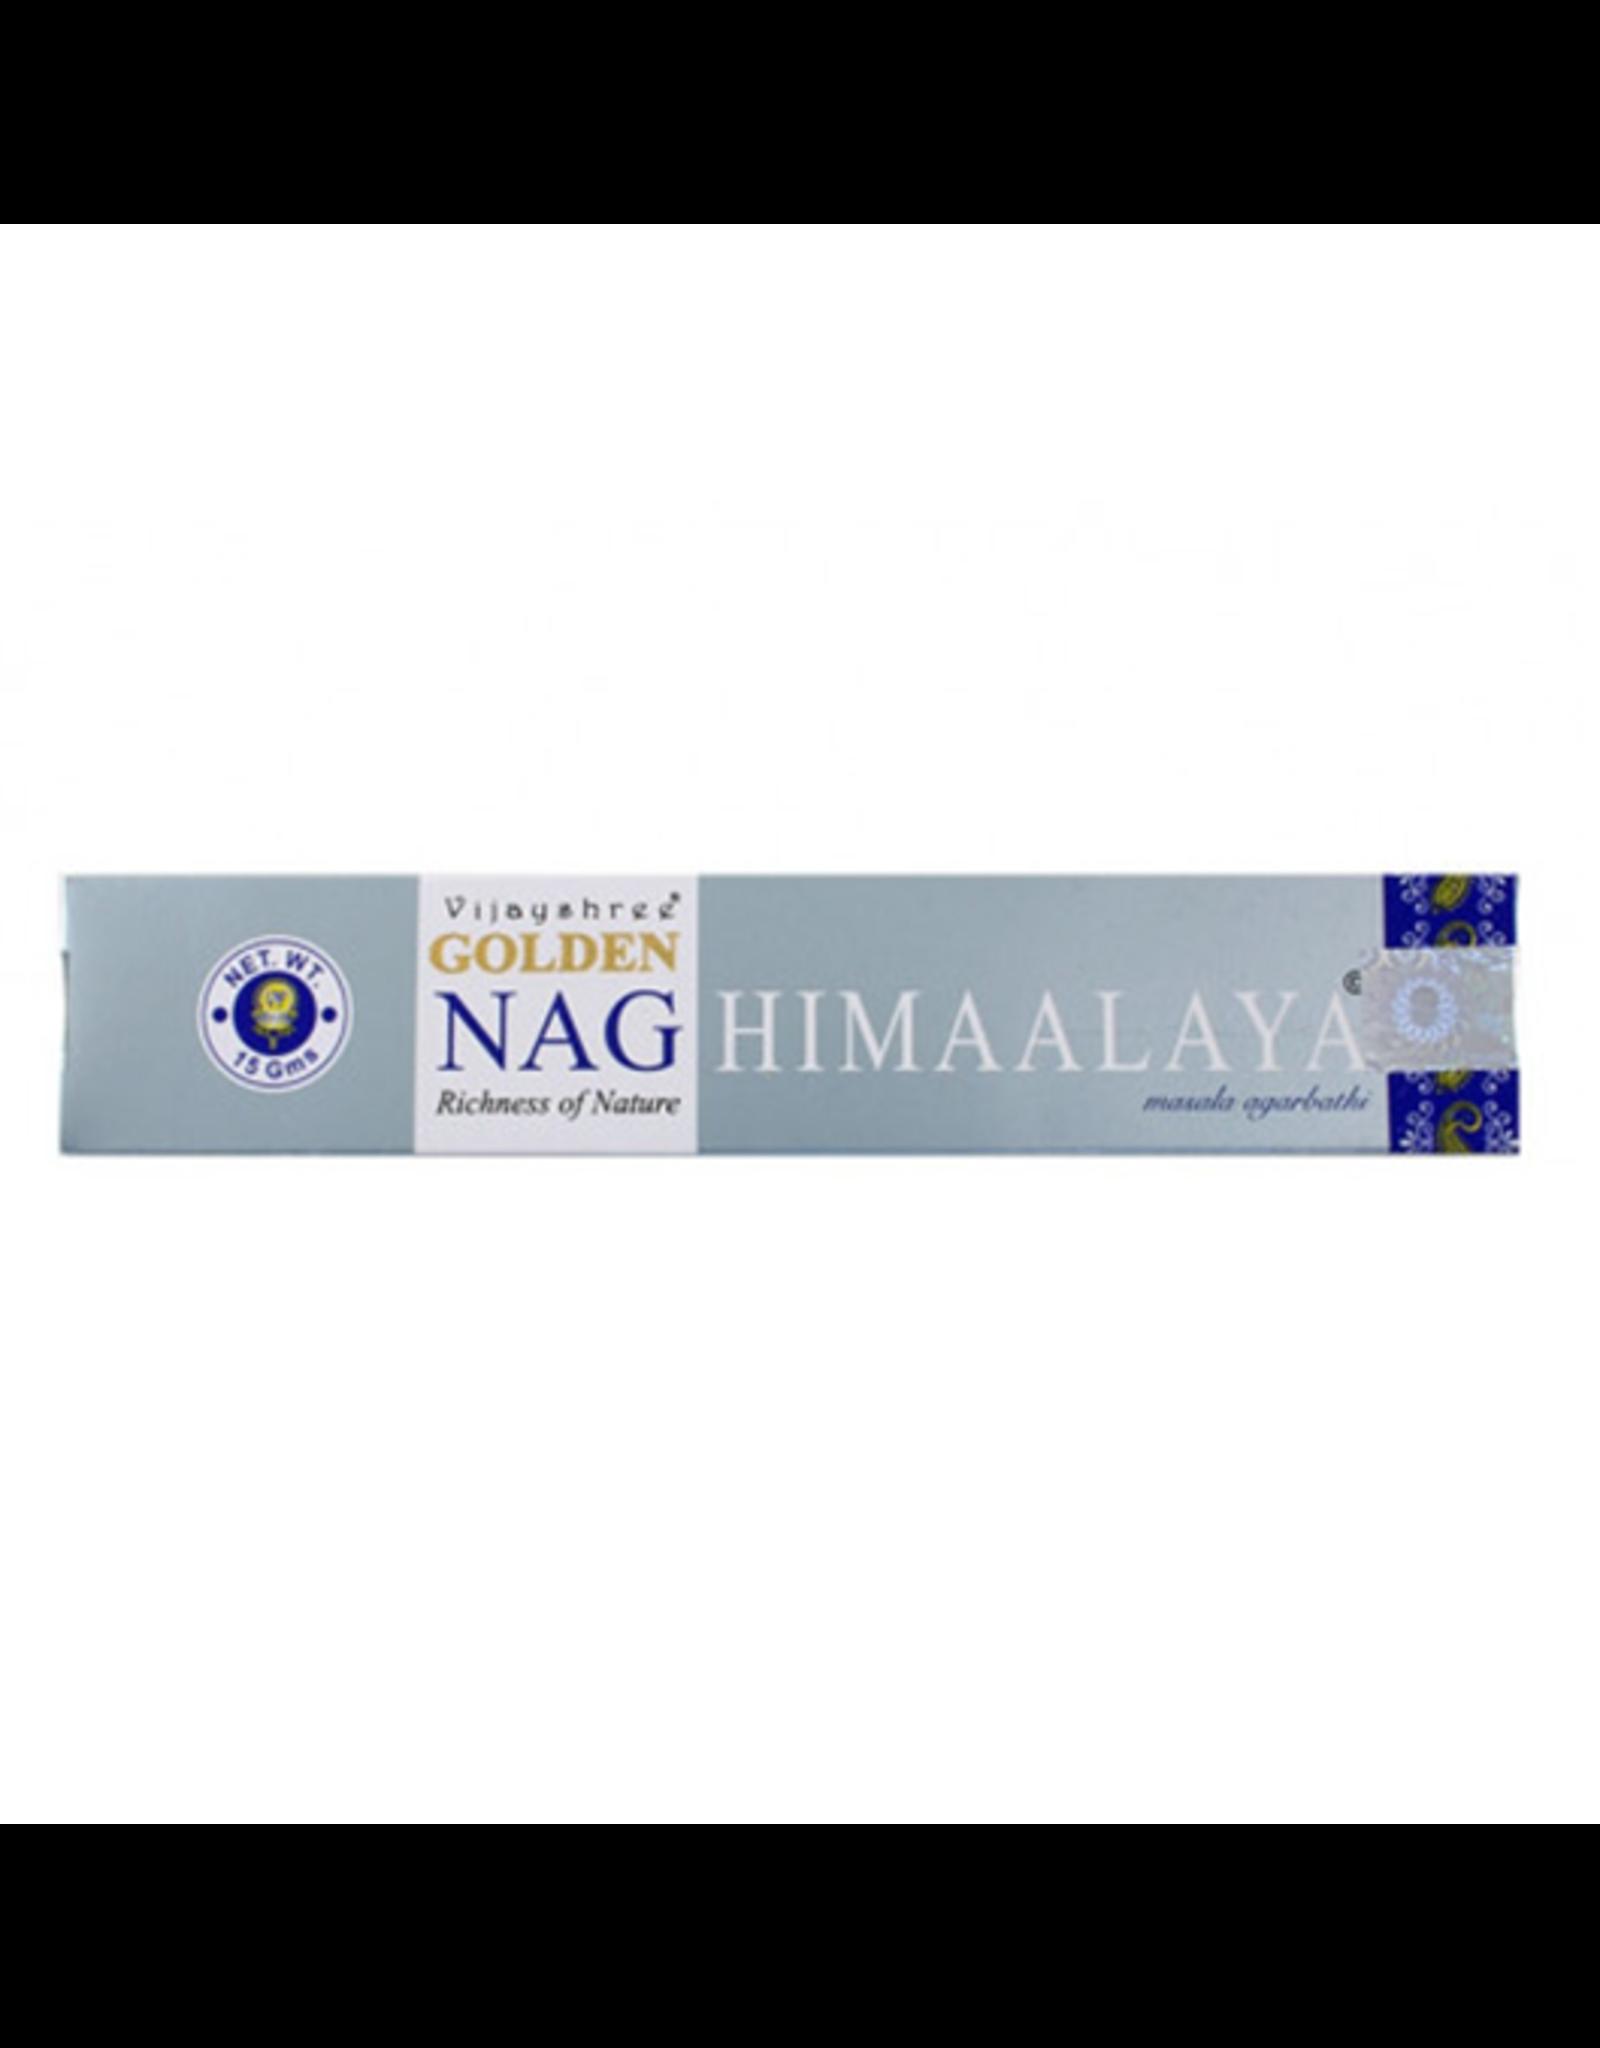 Vijayshree Golden Nag Himalaya